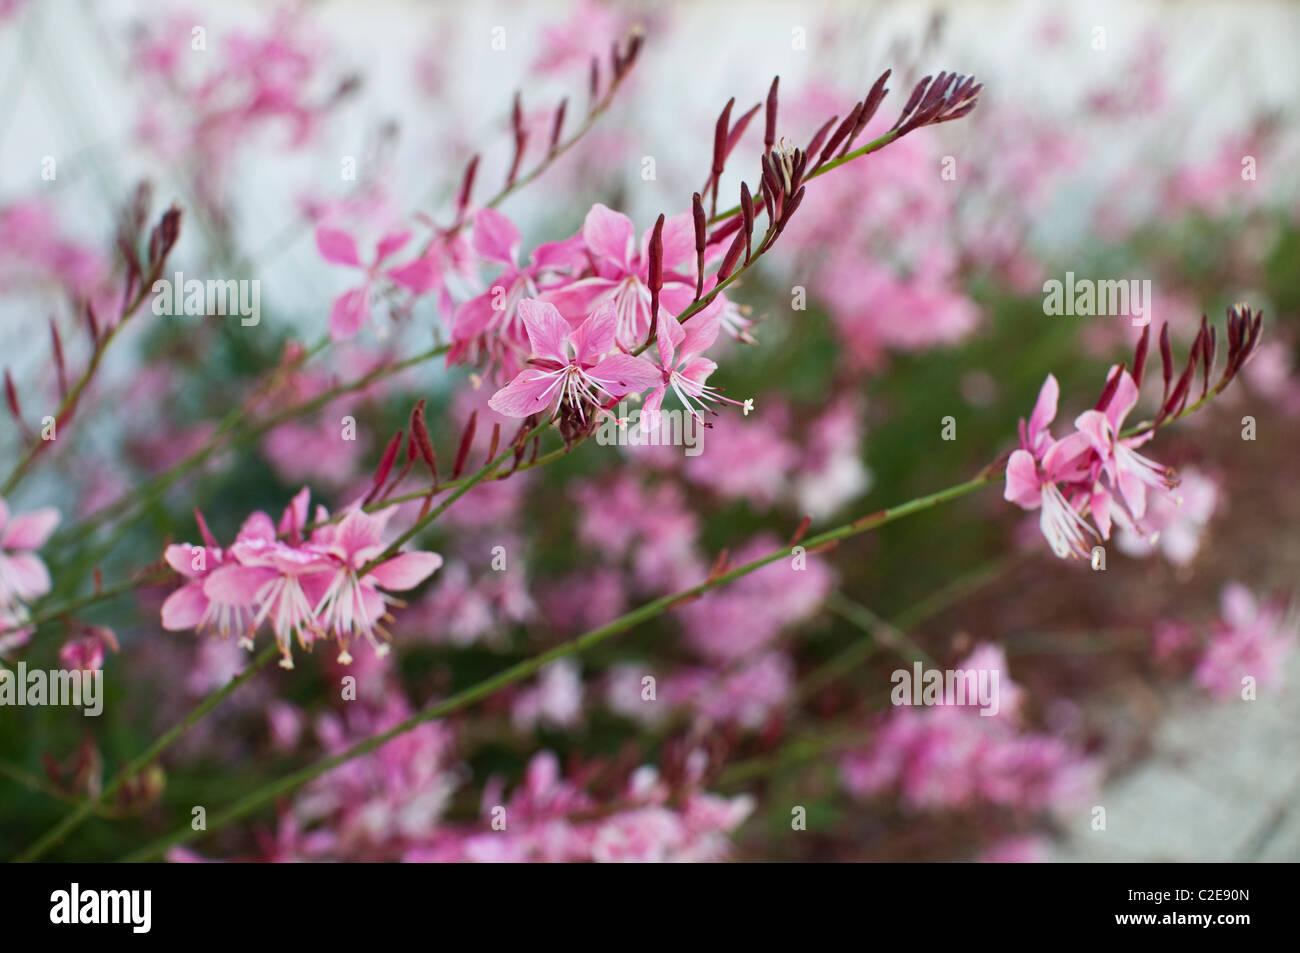 Fleurs roses utilisés en aménagement paysager à Rosemary Beach, en Floride. Photo Stock